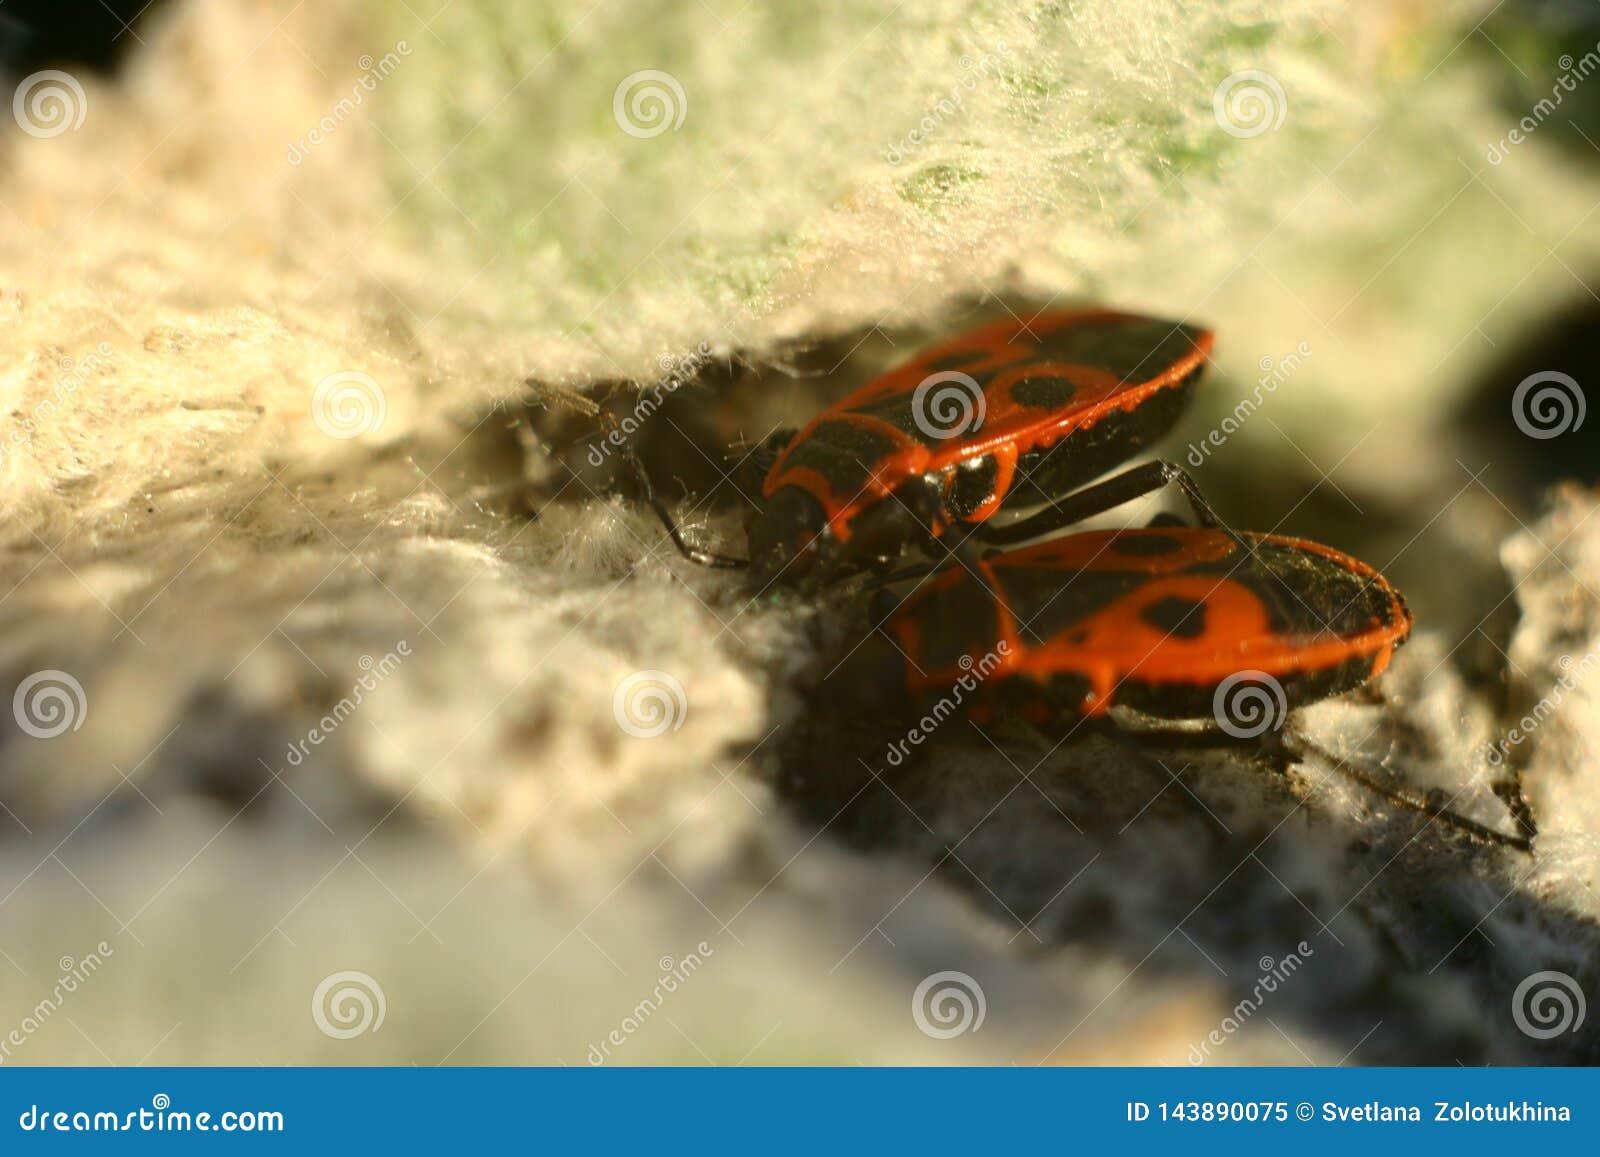 Niedrige Schärfentiefe Nettes helles Rot und Küchenschabe Dieses ist eine wingless rote Wanze oder soldier's Wanze